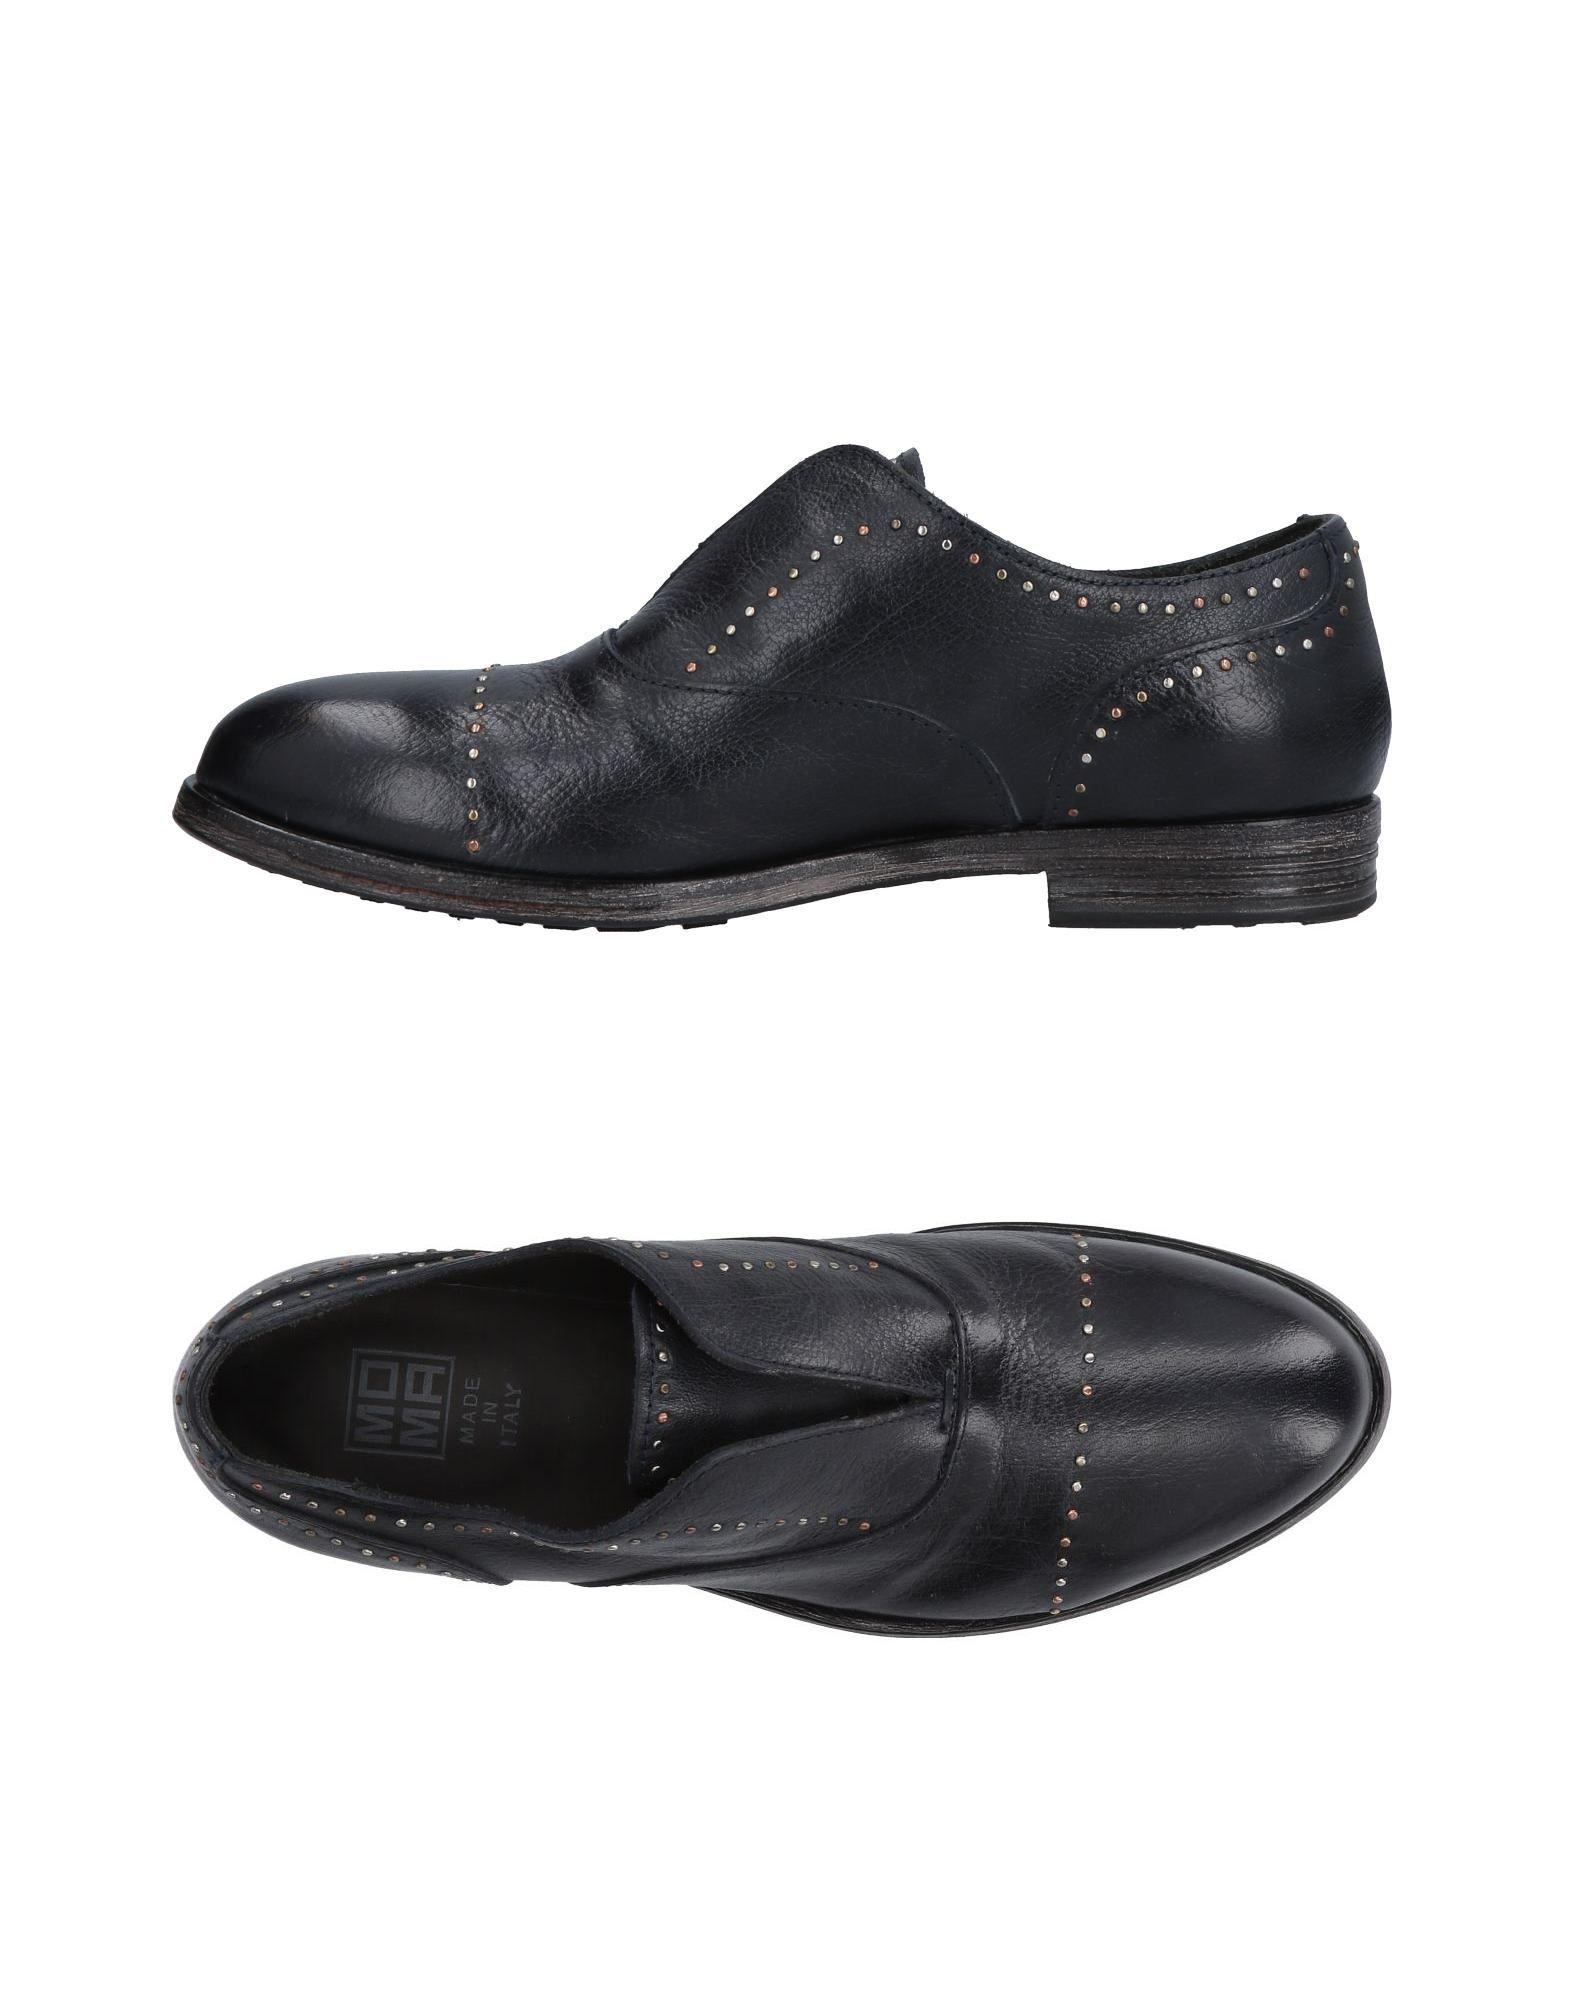 Stringate Ducanero Donna - 11243334FO Scarpe economiche e buone